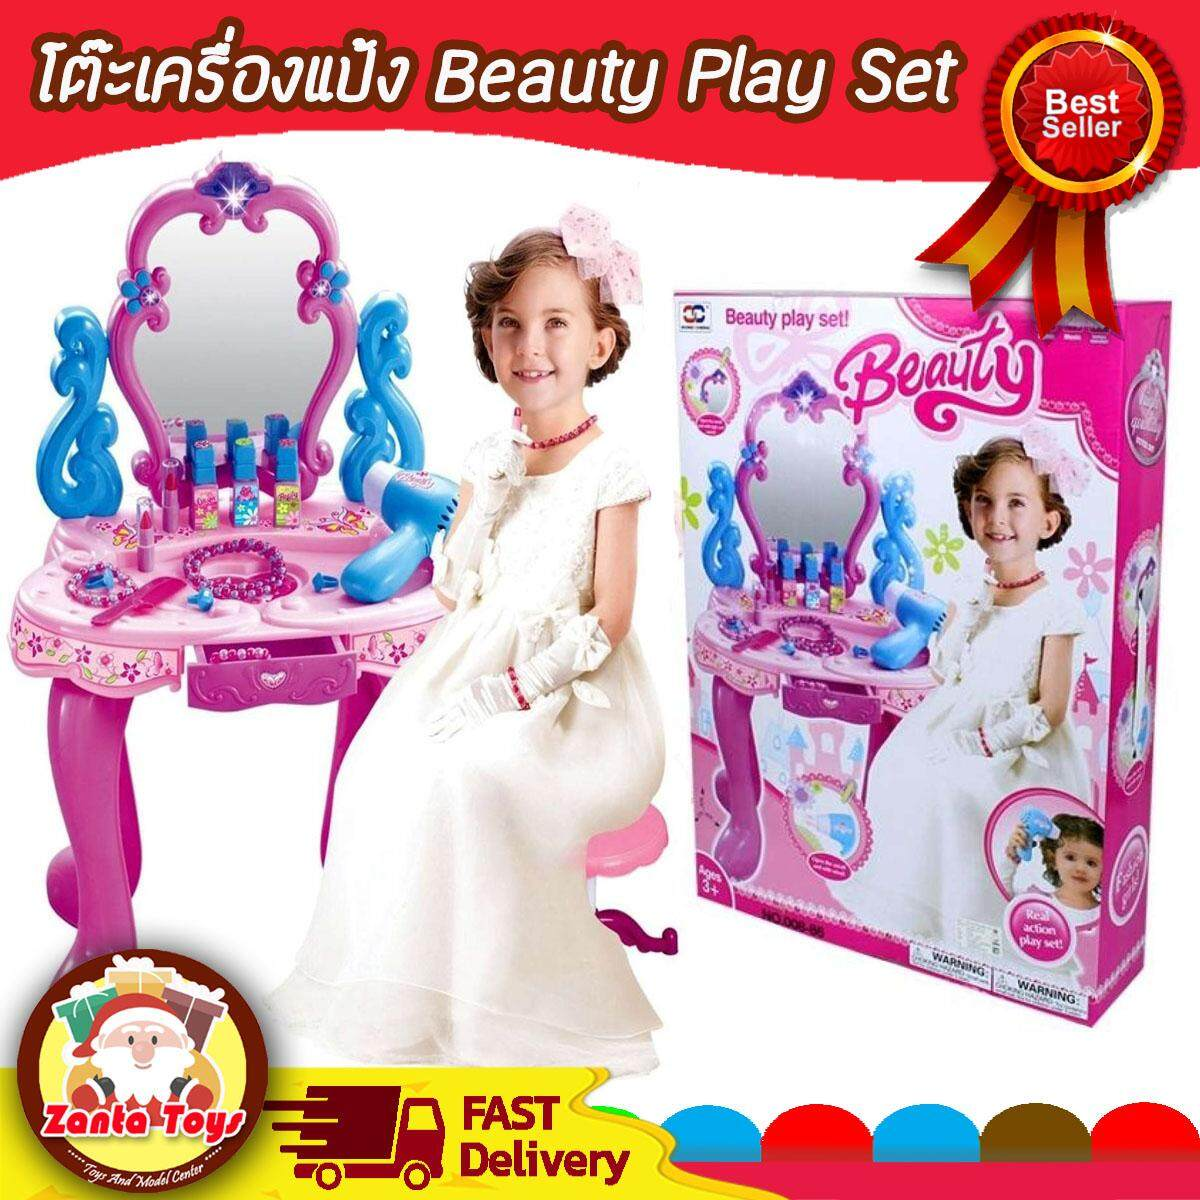 โต๊ะเครื่องแป้ง เจ้าหญิง Beauty Play Set โต๊ะเครื่องแป้งเด็กเล่น ชุดแต่งหน้า เครื่องสำอาง ของเล่นเด็ก Toys สร้างเสริมพัฒนาการเด็ก ของเล่นสำหรับเด็ก Kidtoy.